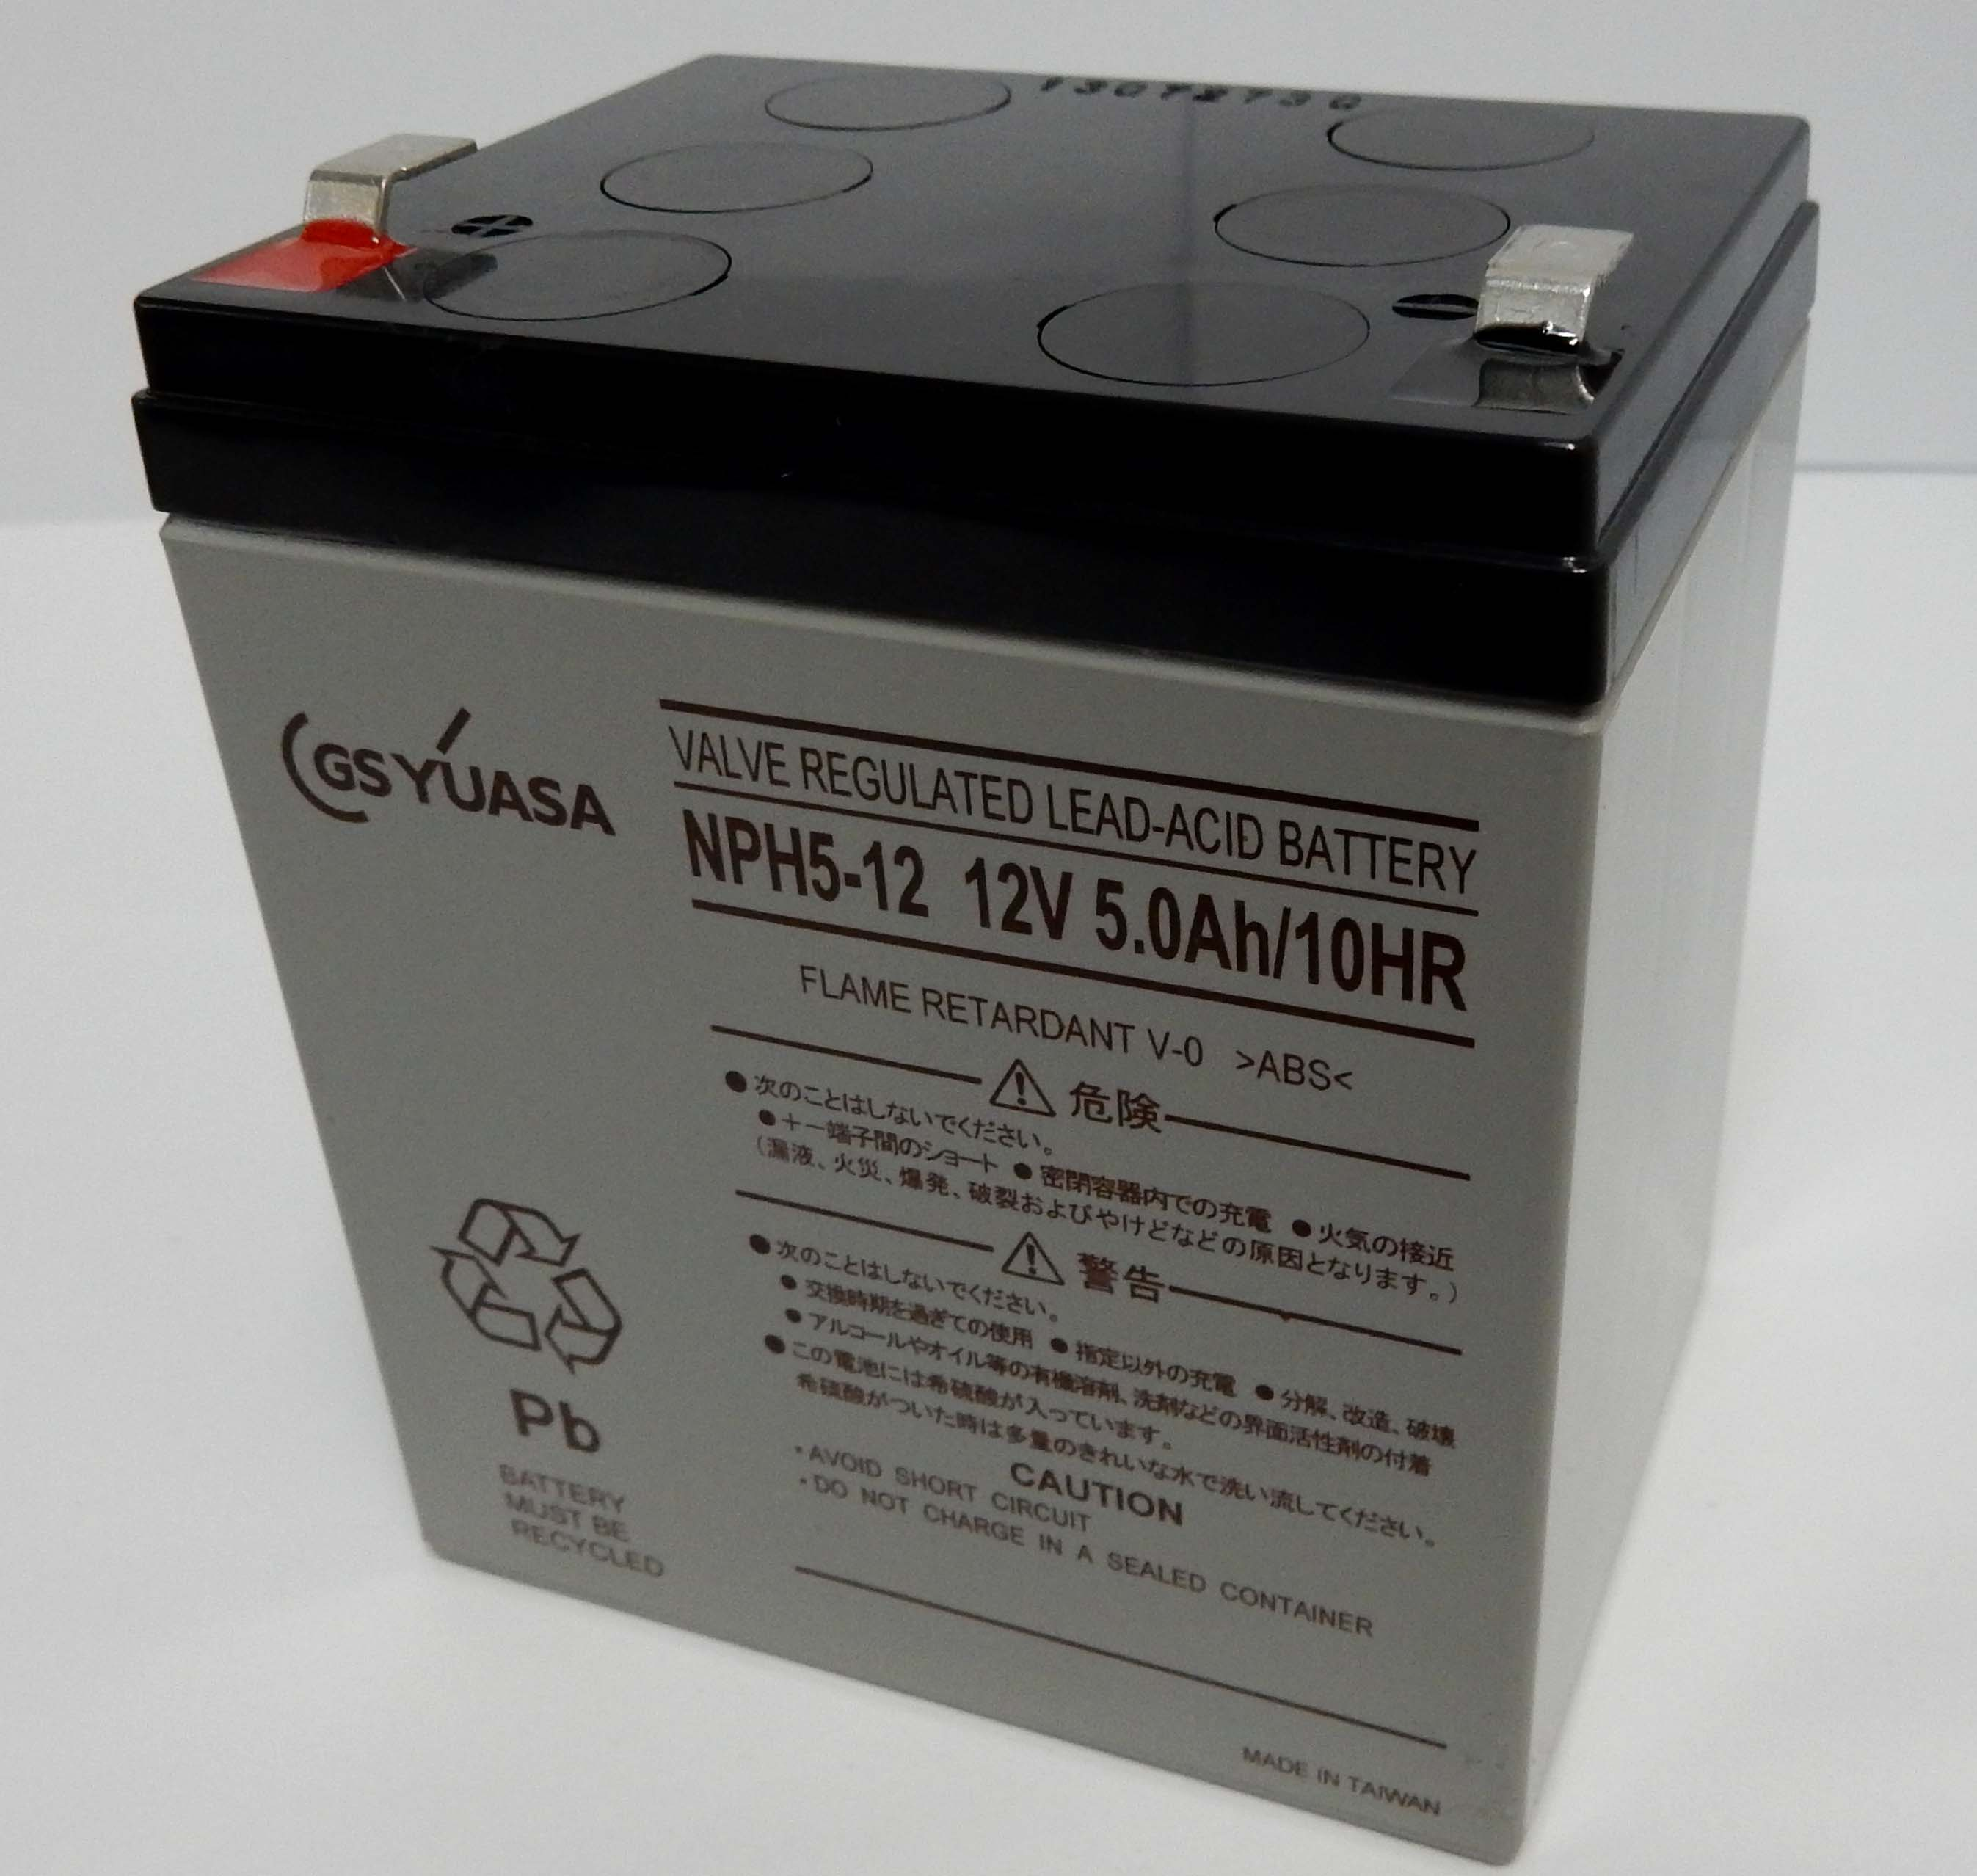 火箭蓄电池厂家 火箭蓄电池报价 火箭蓄电池批发 各种蓄电池批发